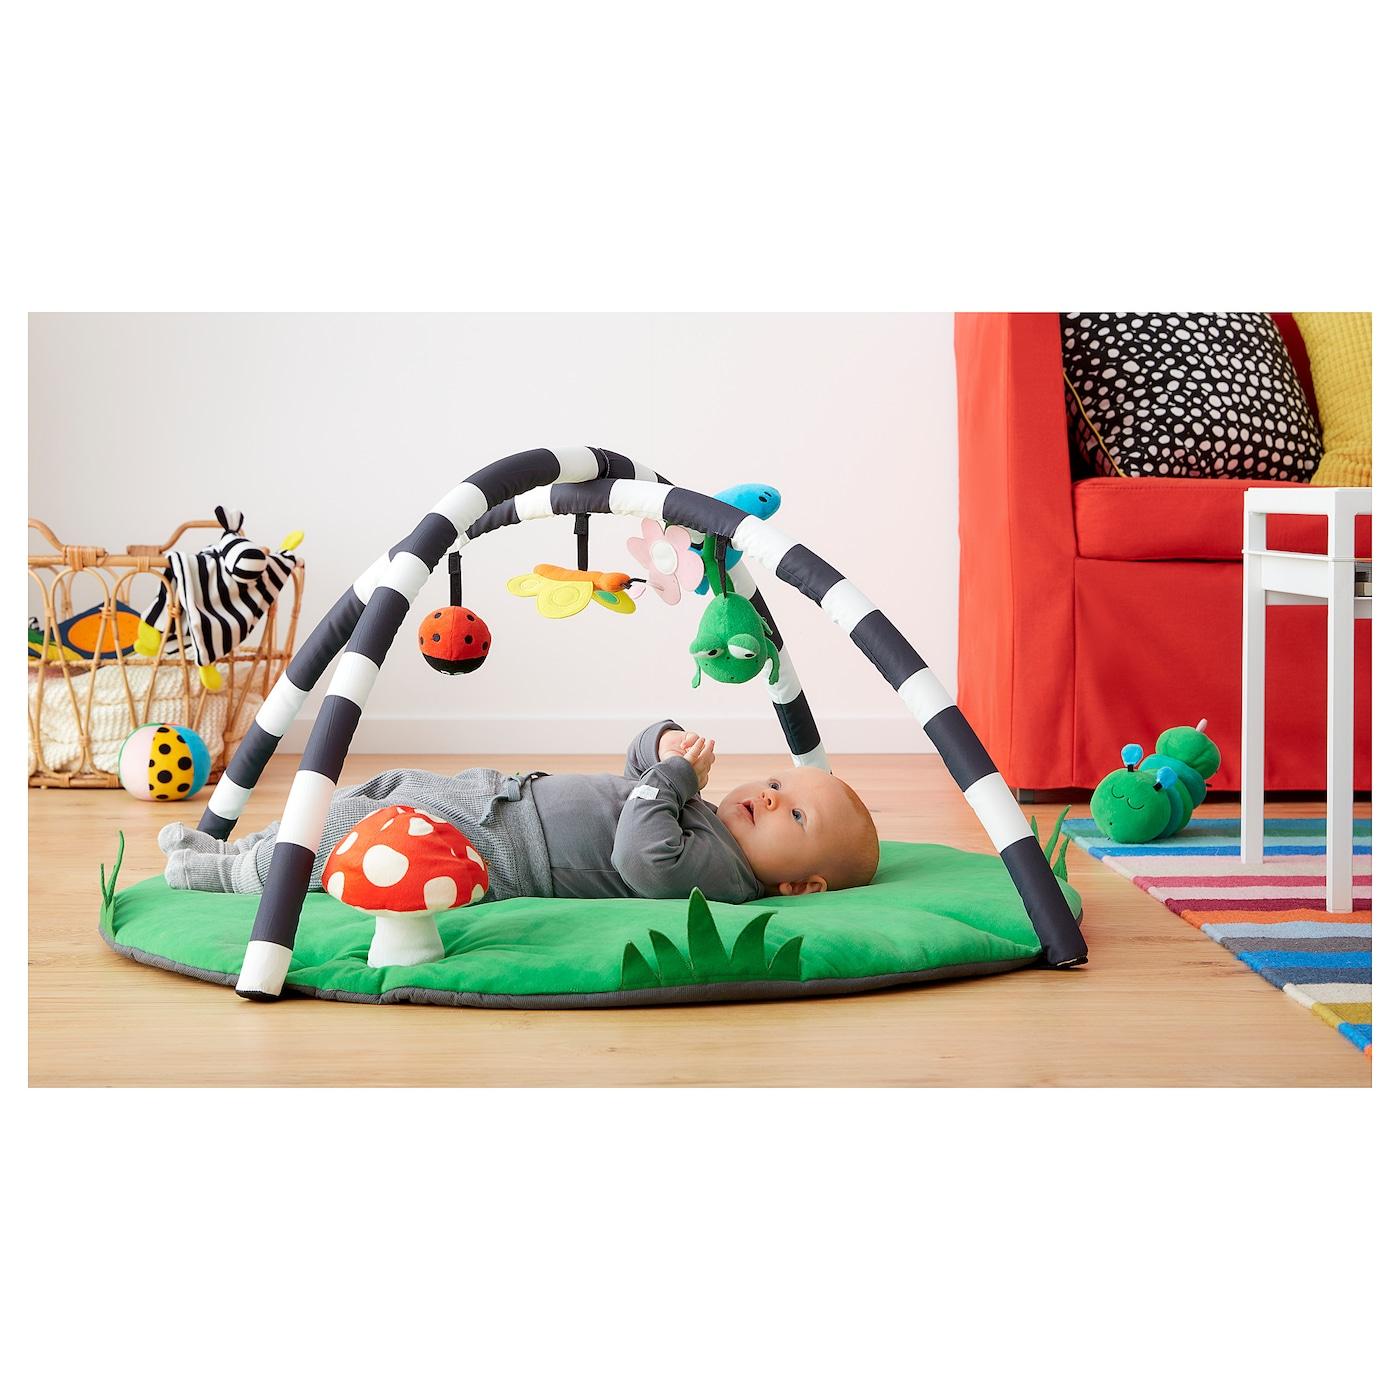 KLAPPA detská telocvičňa 90 cm 50 cm